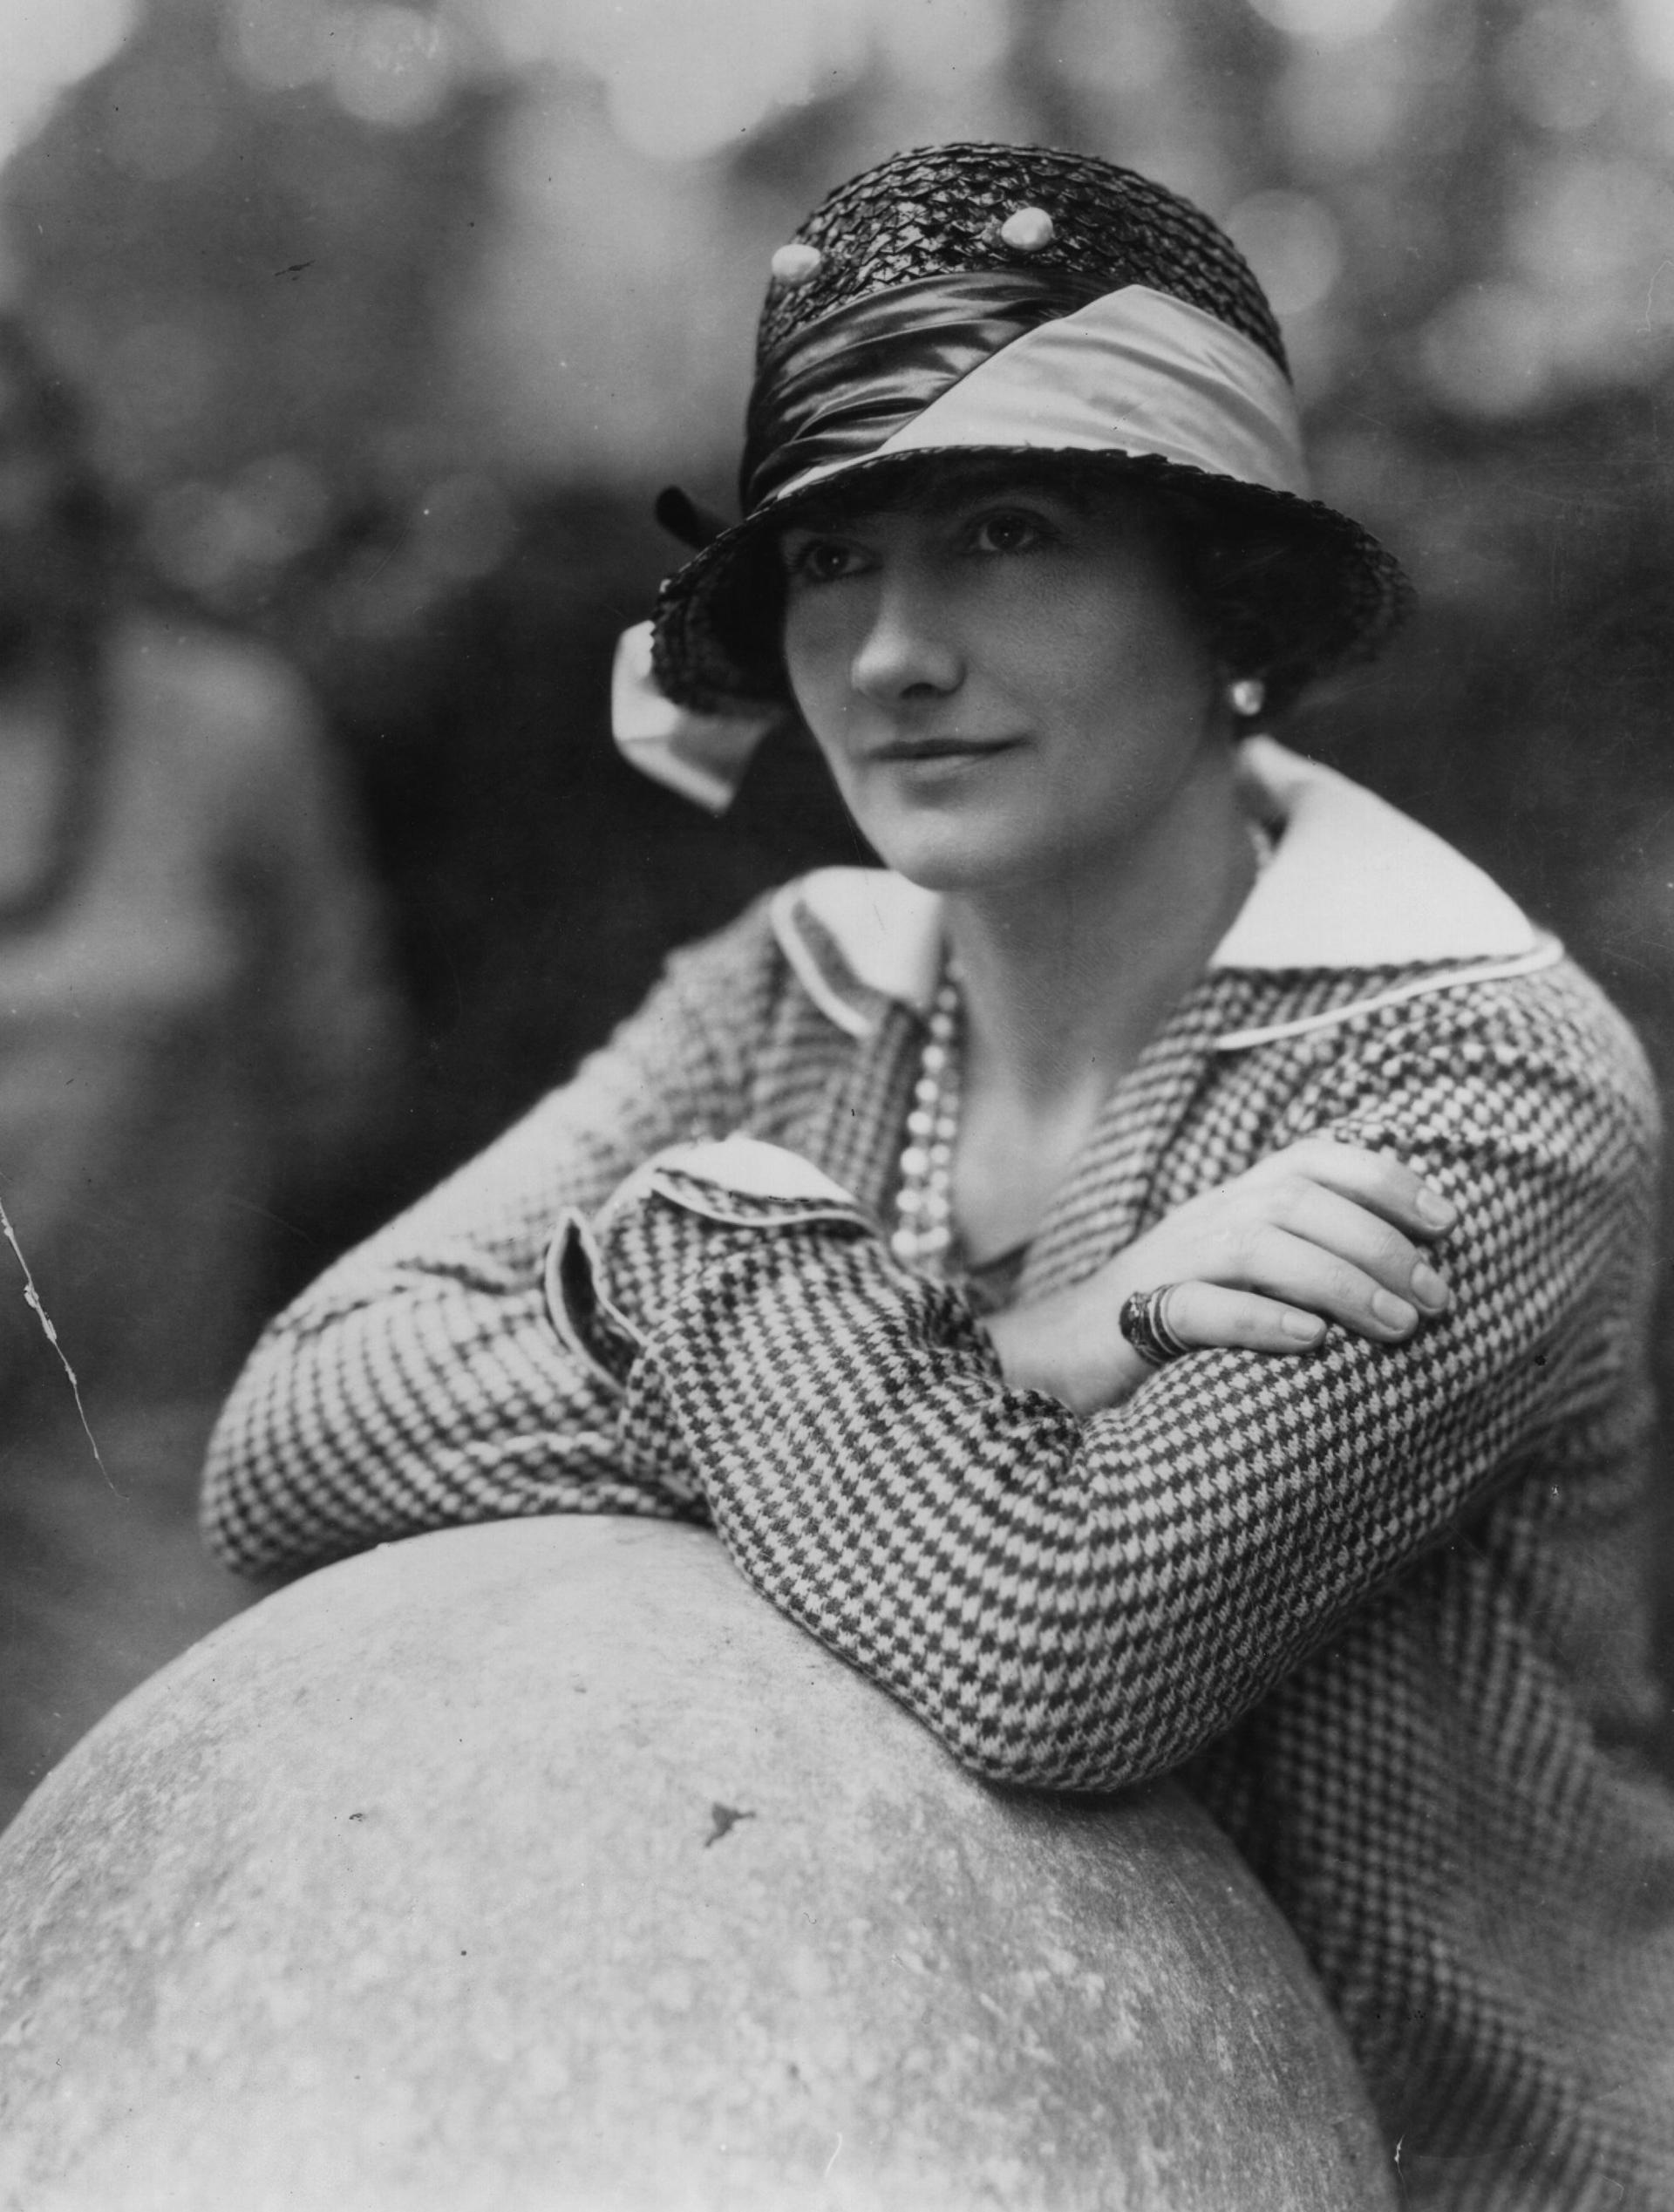 Gabrielle Chanel nació un 19 de agosto de 1883 en la región de Saumur, en el seno de una familia humilde. Se crió en un orfanato donde habría aprendido el oficio (Getty Images)